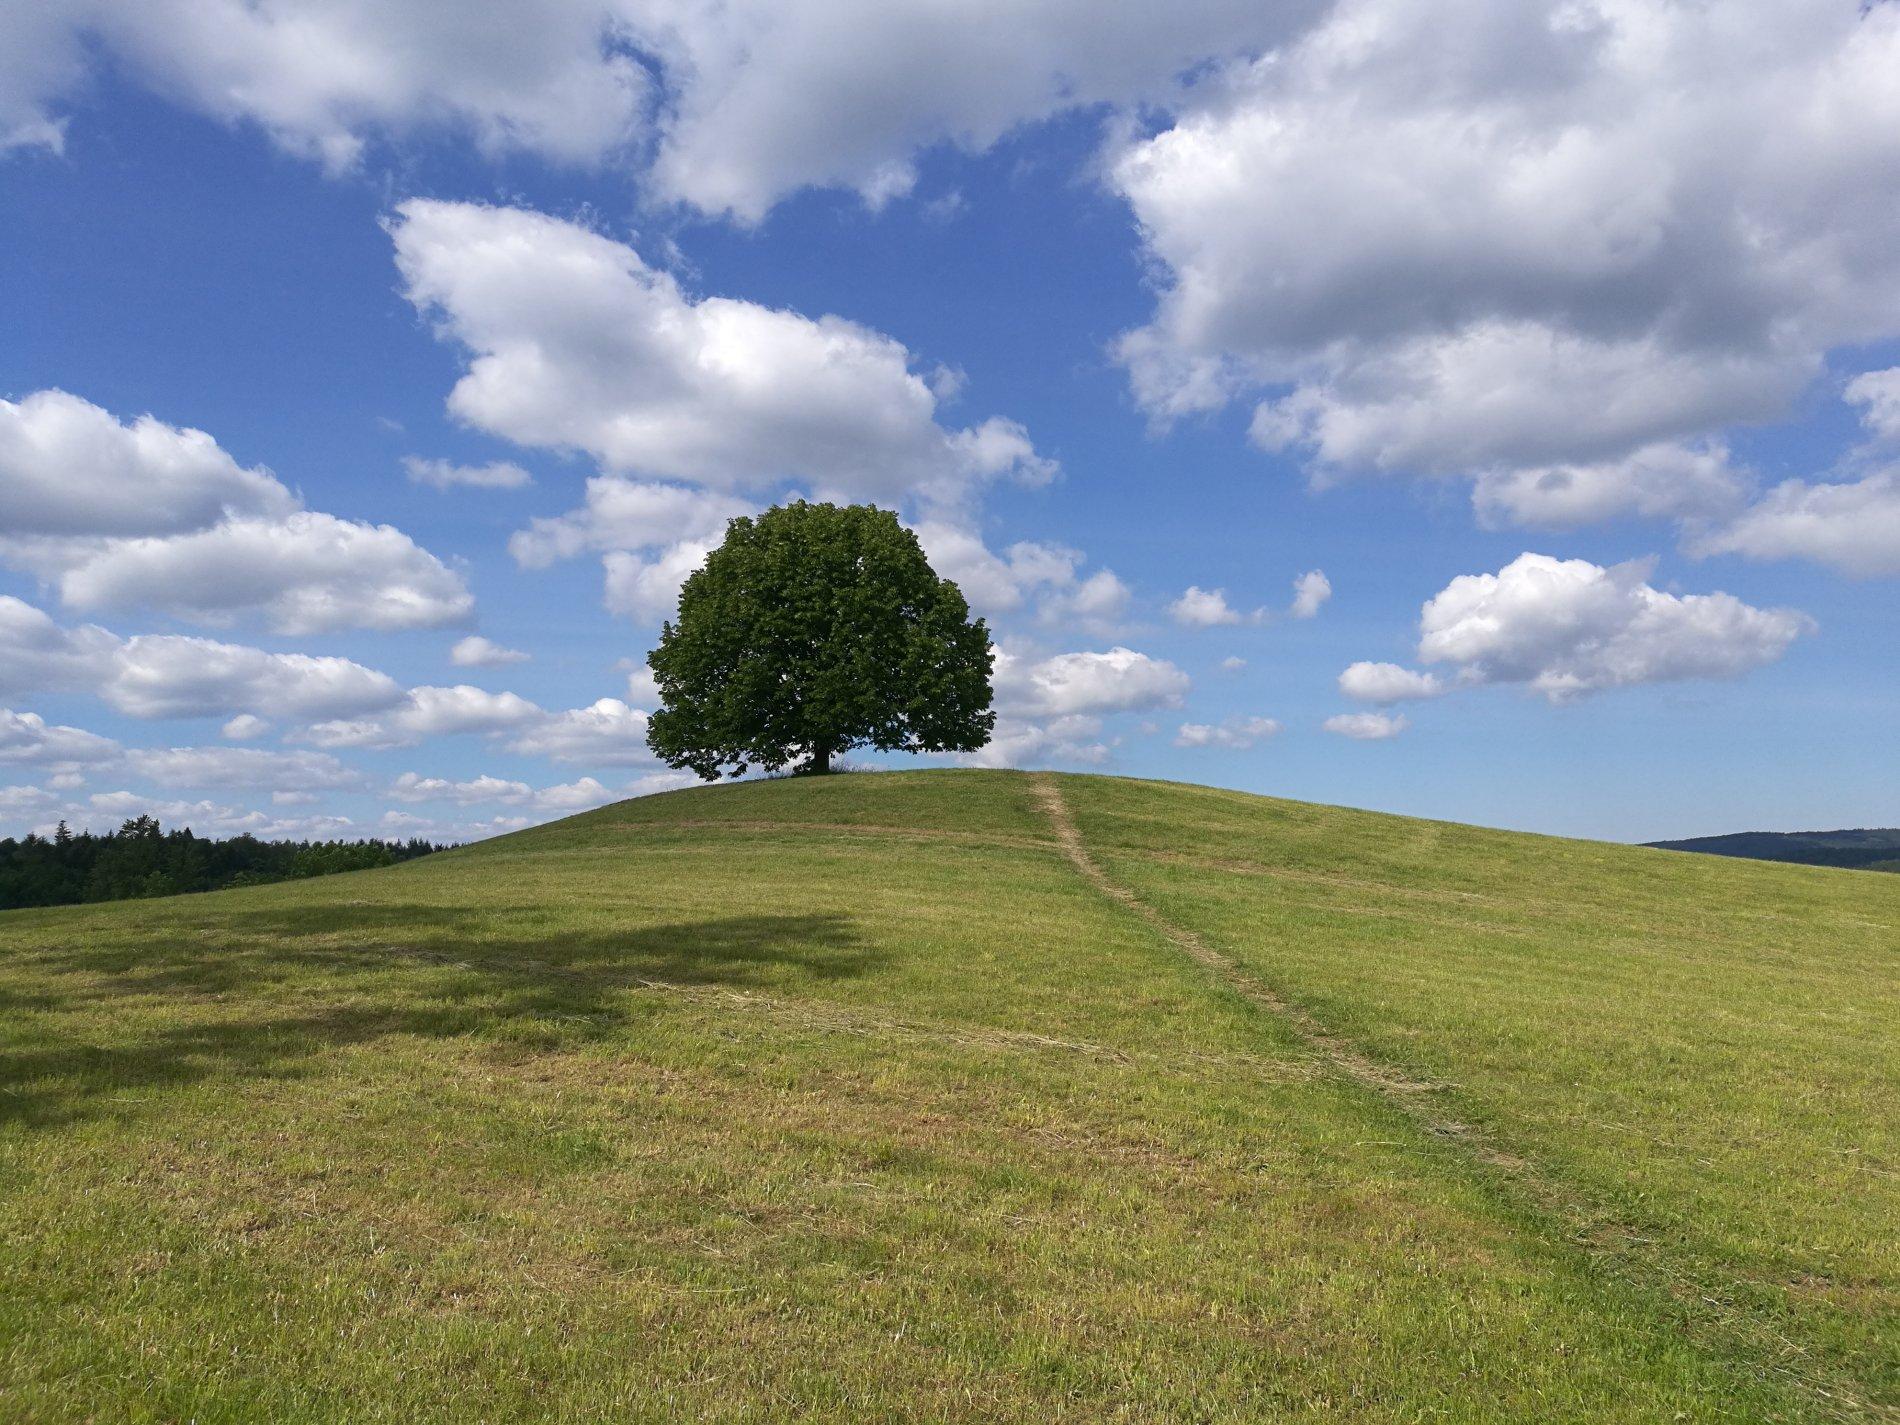 Ein einsamer Baum mitten auf dem Feldherrenhügel